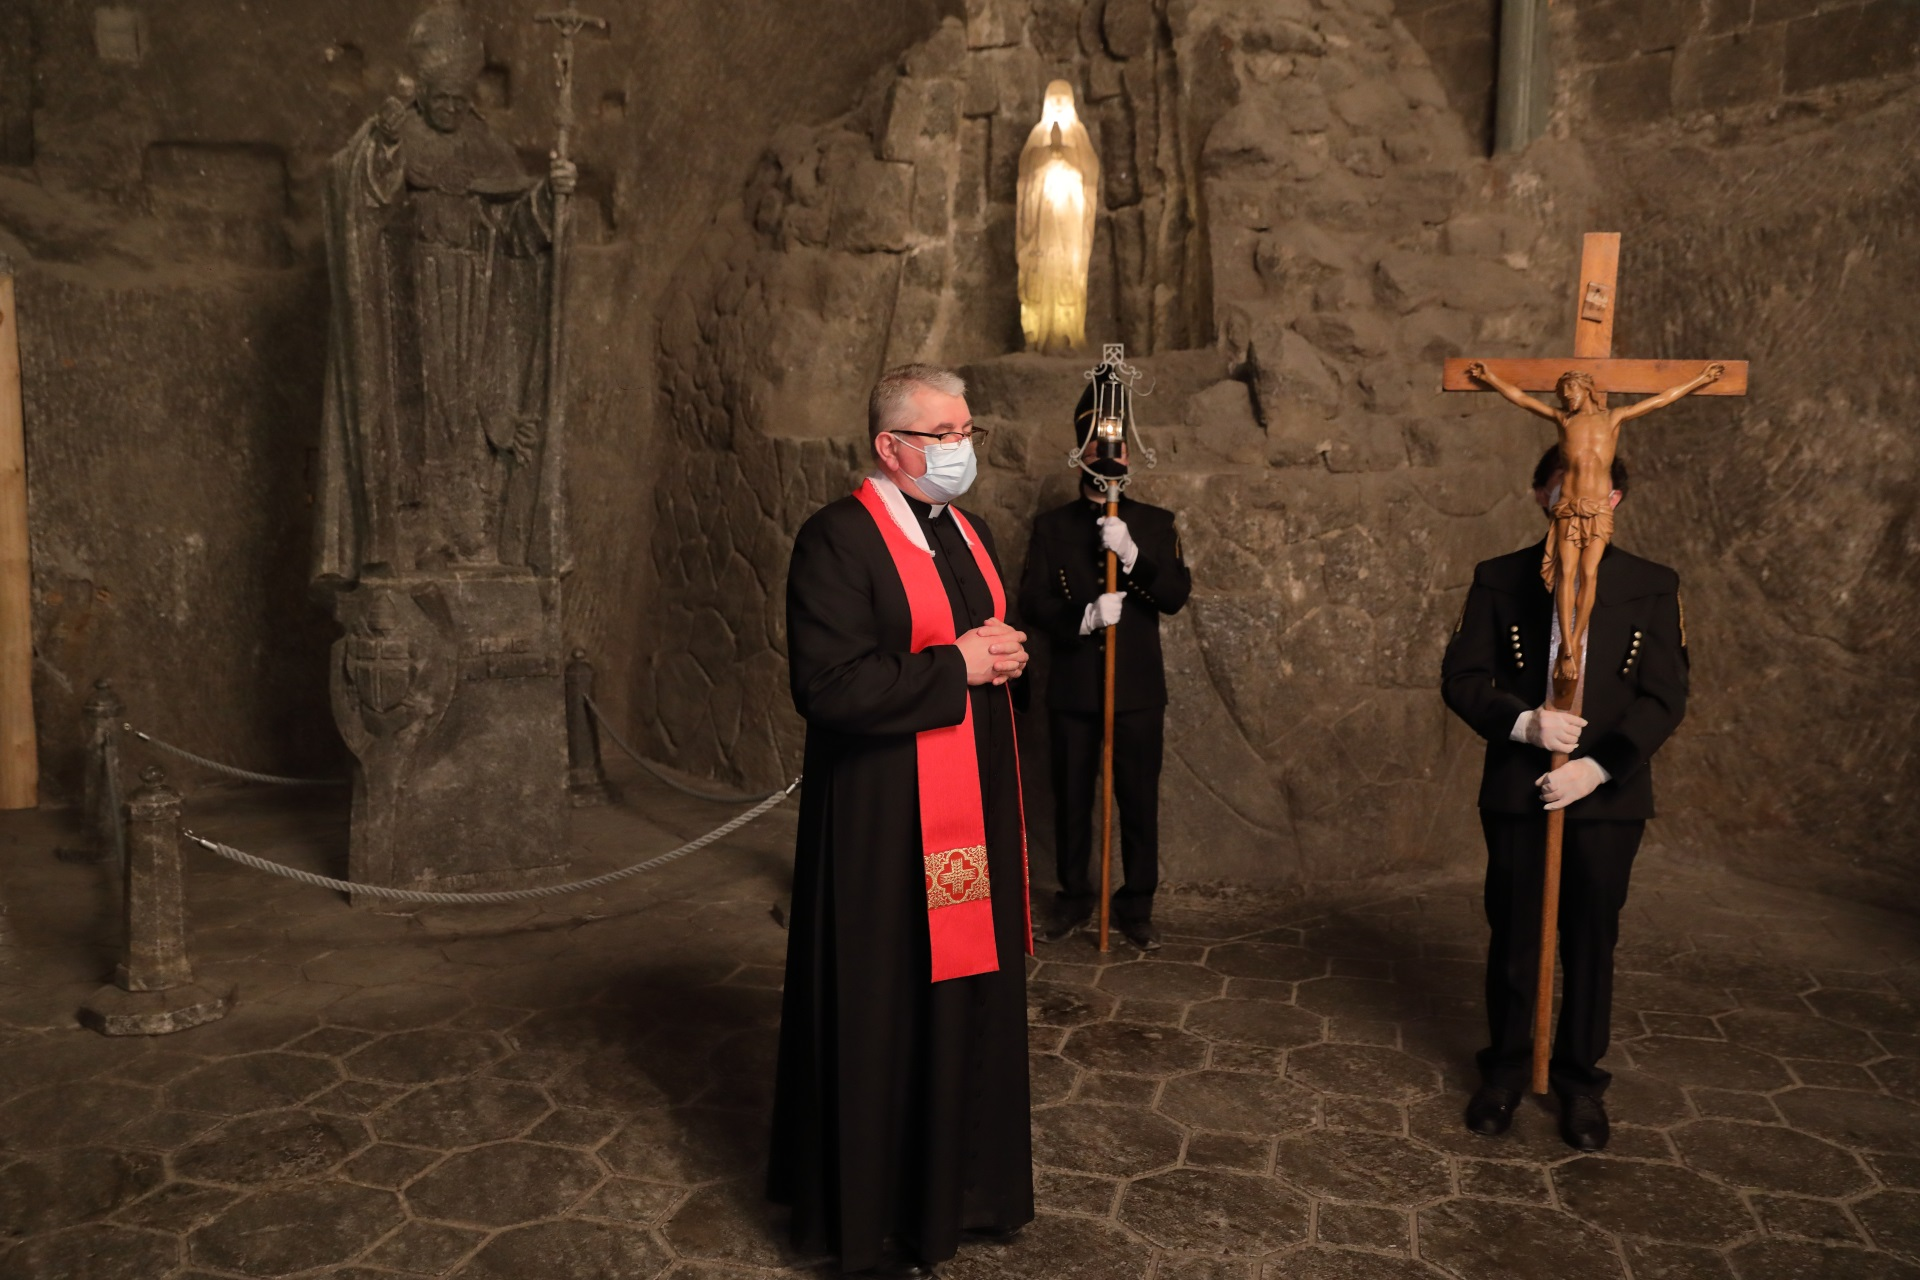 Modlitwa w kaplicy św. Kingi. Na pierwszym planie ksiądz przewodniczący nabożeństwu Drogi Krzyżowej - proboszcz parafii św. Klemensa. W tle górnicy: z krucyfiksem i zicherką. Za nimi w solnej wnęce podświetlona figurka Matki Bożej z Lourdes